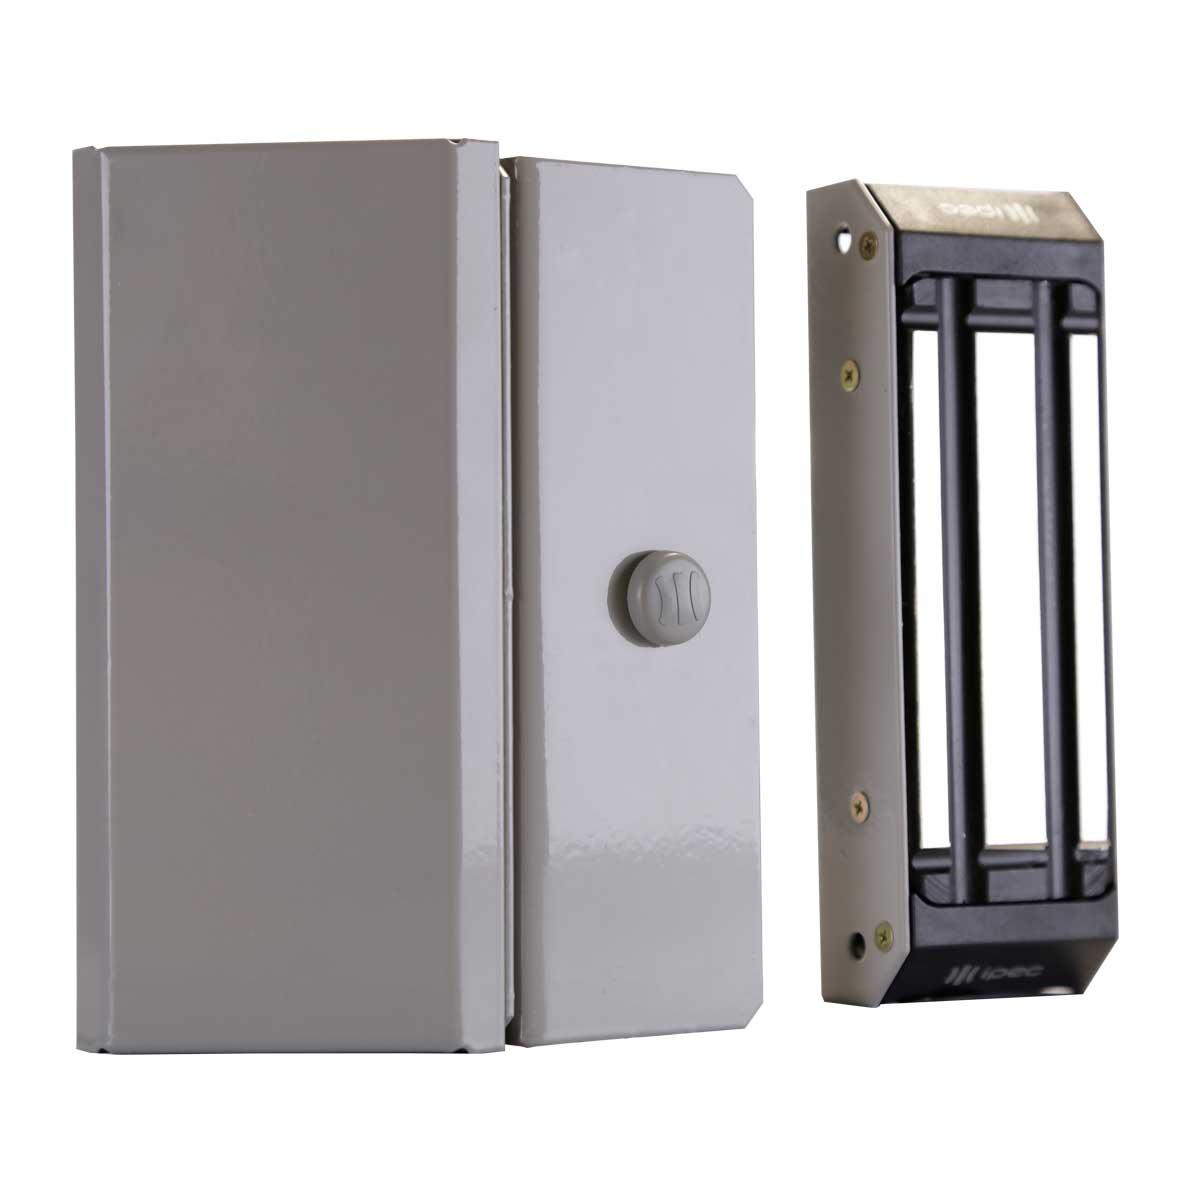 Fechadura Trava Magnética M150 Eco Força de até 150 KG Ipec